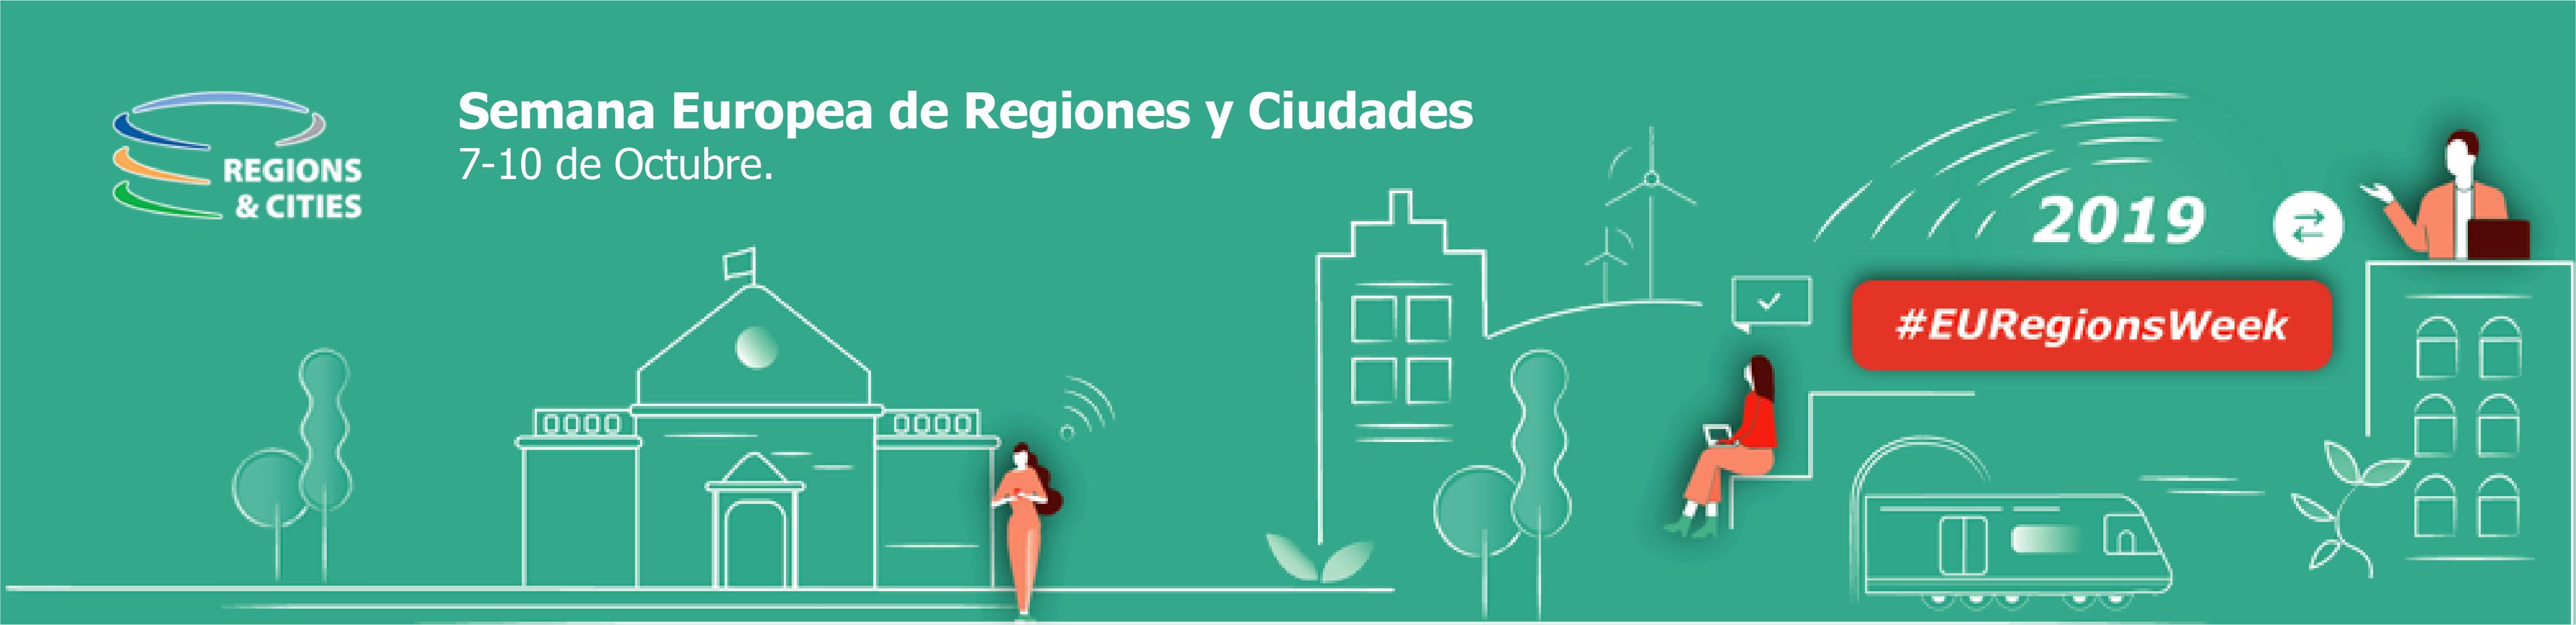 Semana Europea de Regiones y Ciudades